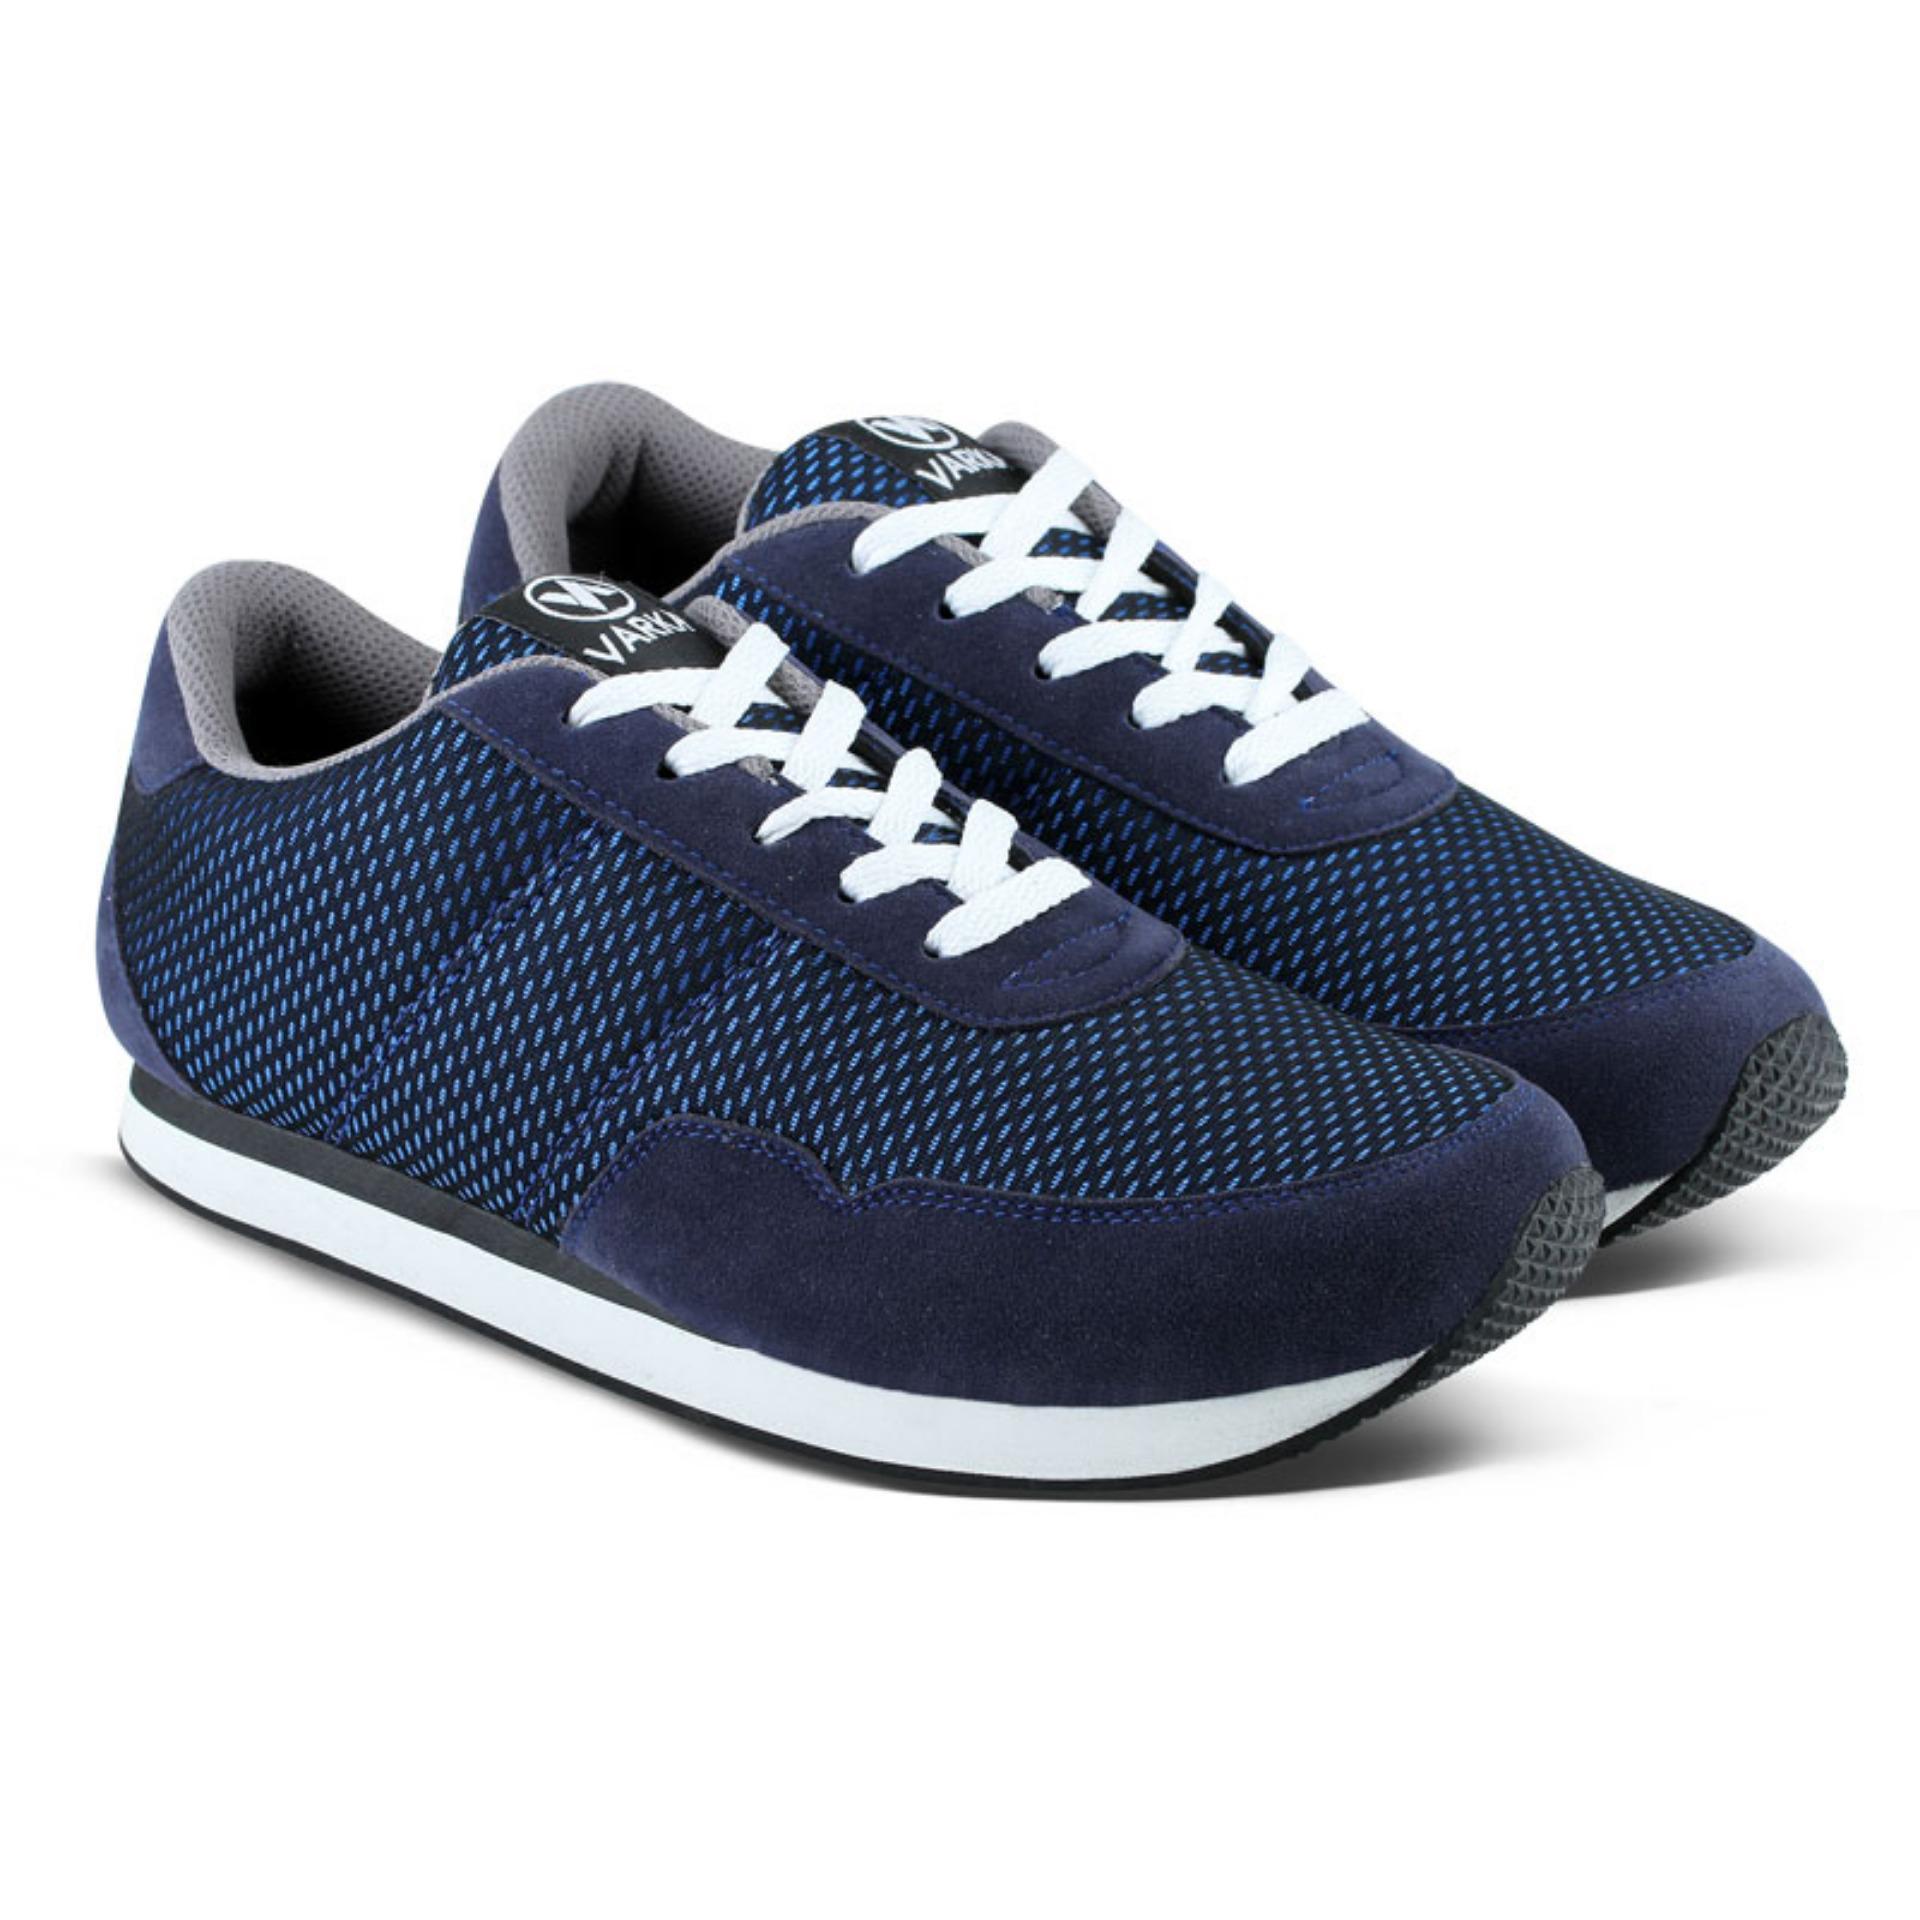 Toko Distro Bandung Vr 090 Sepatu Sneakers Bisa Untuk Olahraga Lari Dan Joging Navy Online Di Jawa Barat